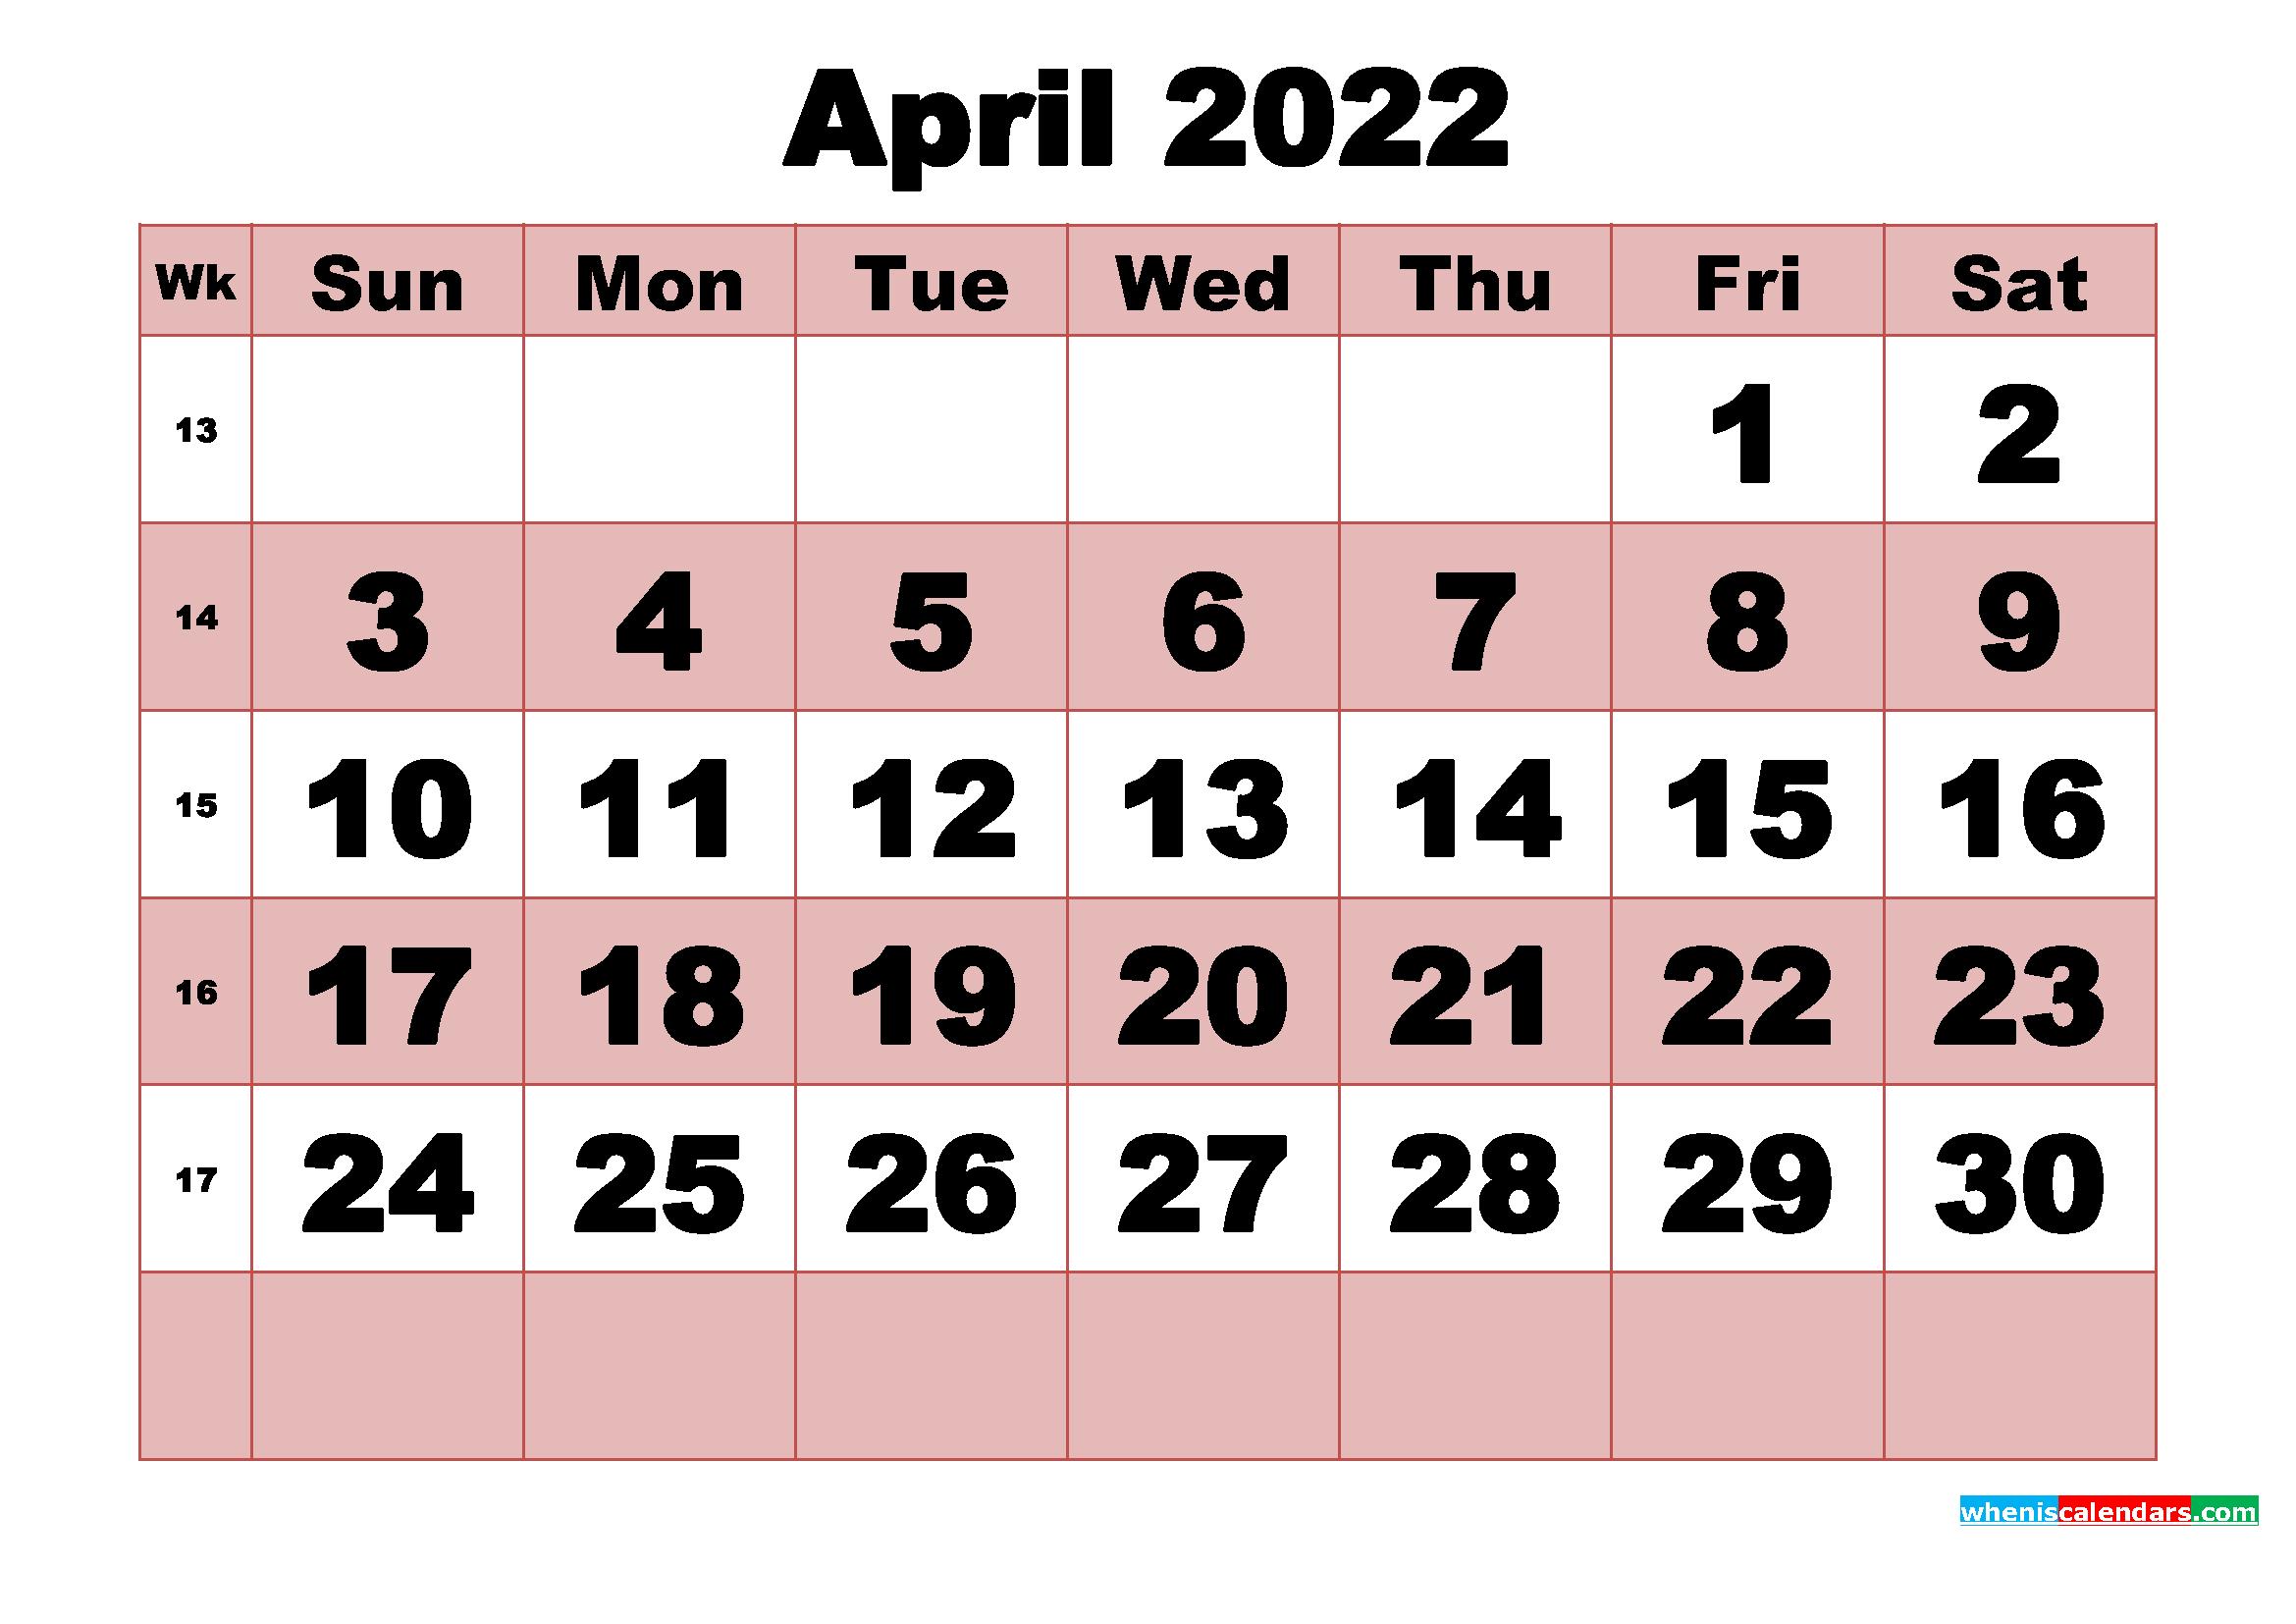 Free Printable Monthly Calendar April 2022 regarding April 2022 Calendar To Print